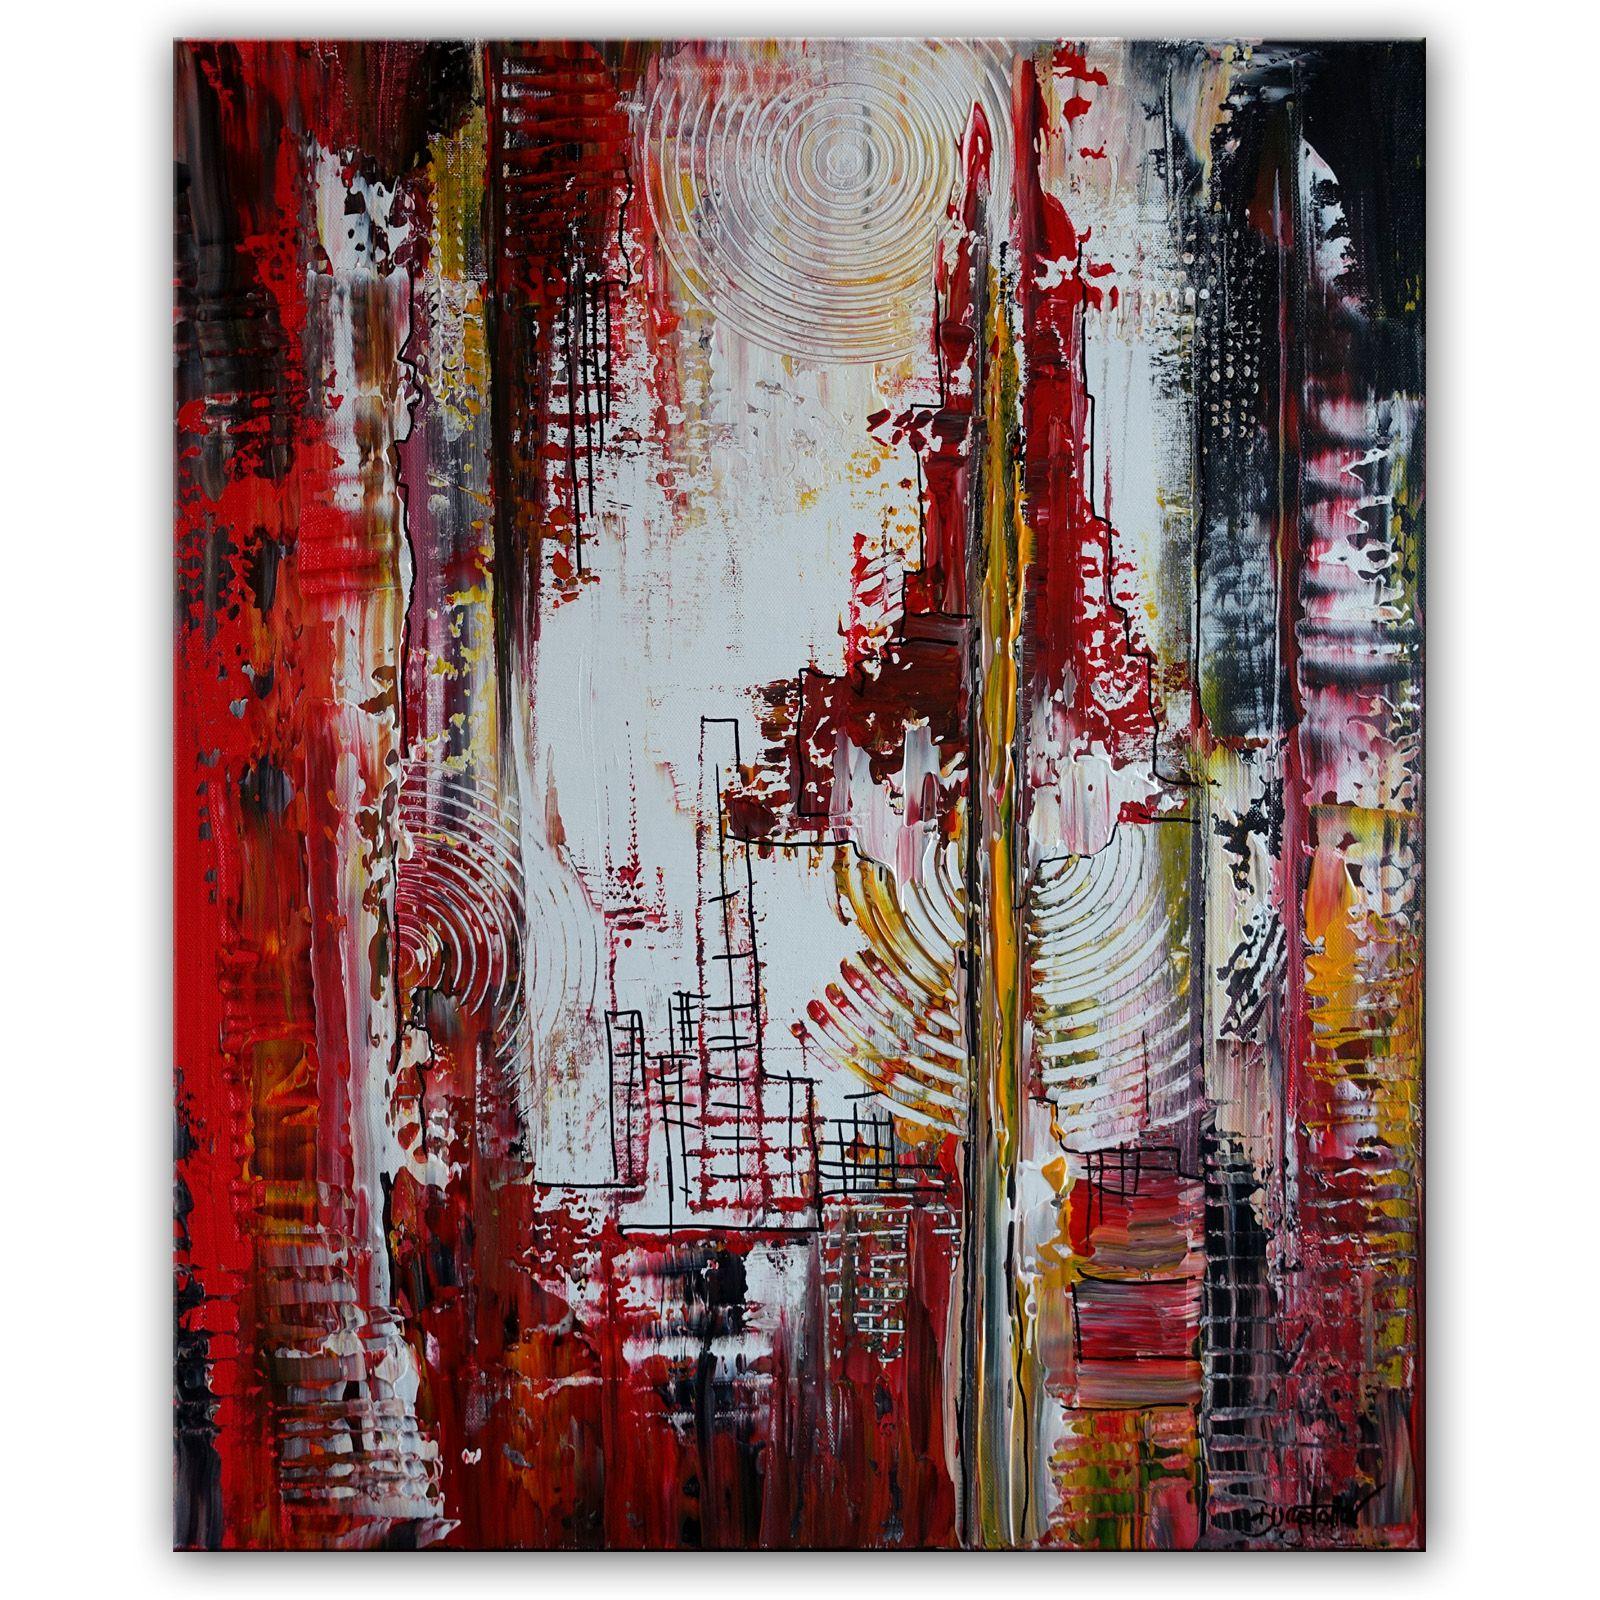 rot weiss grau schwarz abstrakte malerei leinwandbild gemalde 40x50cm abstract artwork art bilder gold gemälde berge abstrakt